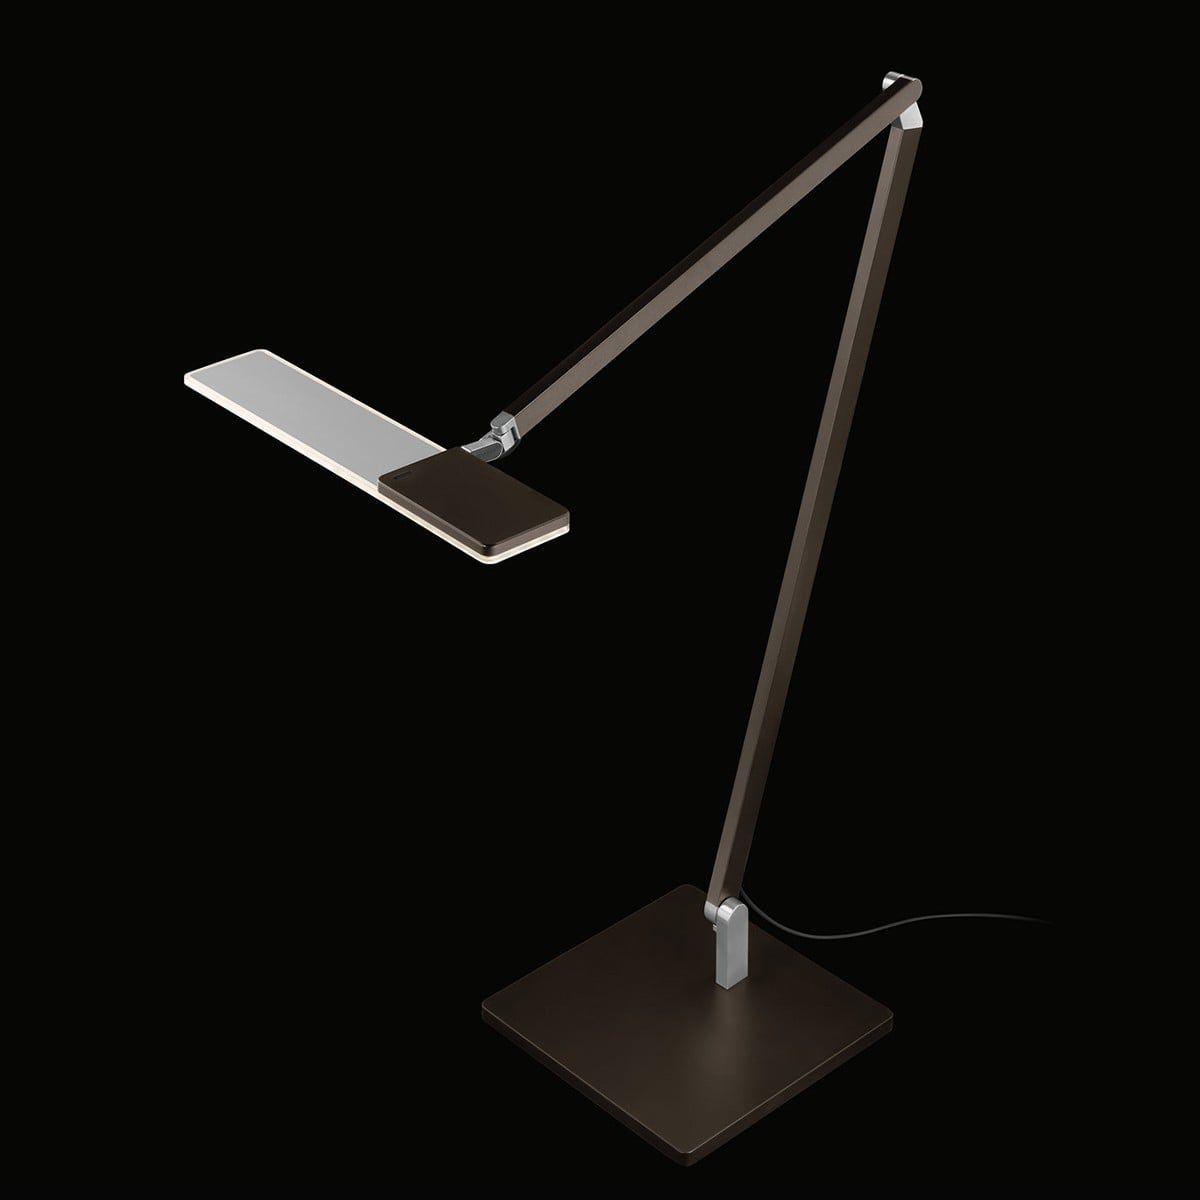 Lampe Glas Modern Tischleuchten Vasenform Tischleuchte Stoff Tischlampe Holz Modern Tischlampe Vi In 2020 Led Schreibtischleuchte Led Tischleuchte Tischleuchte